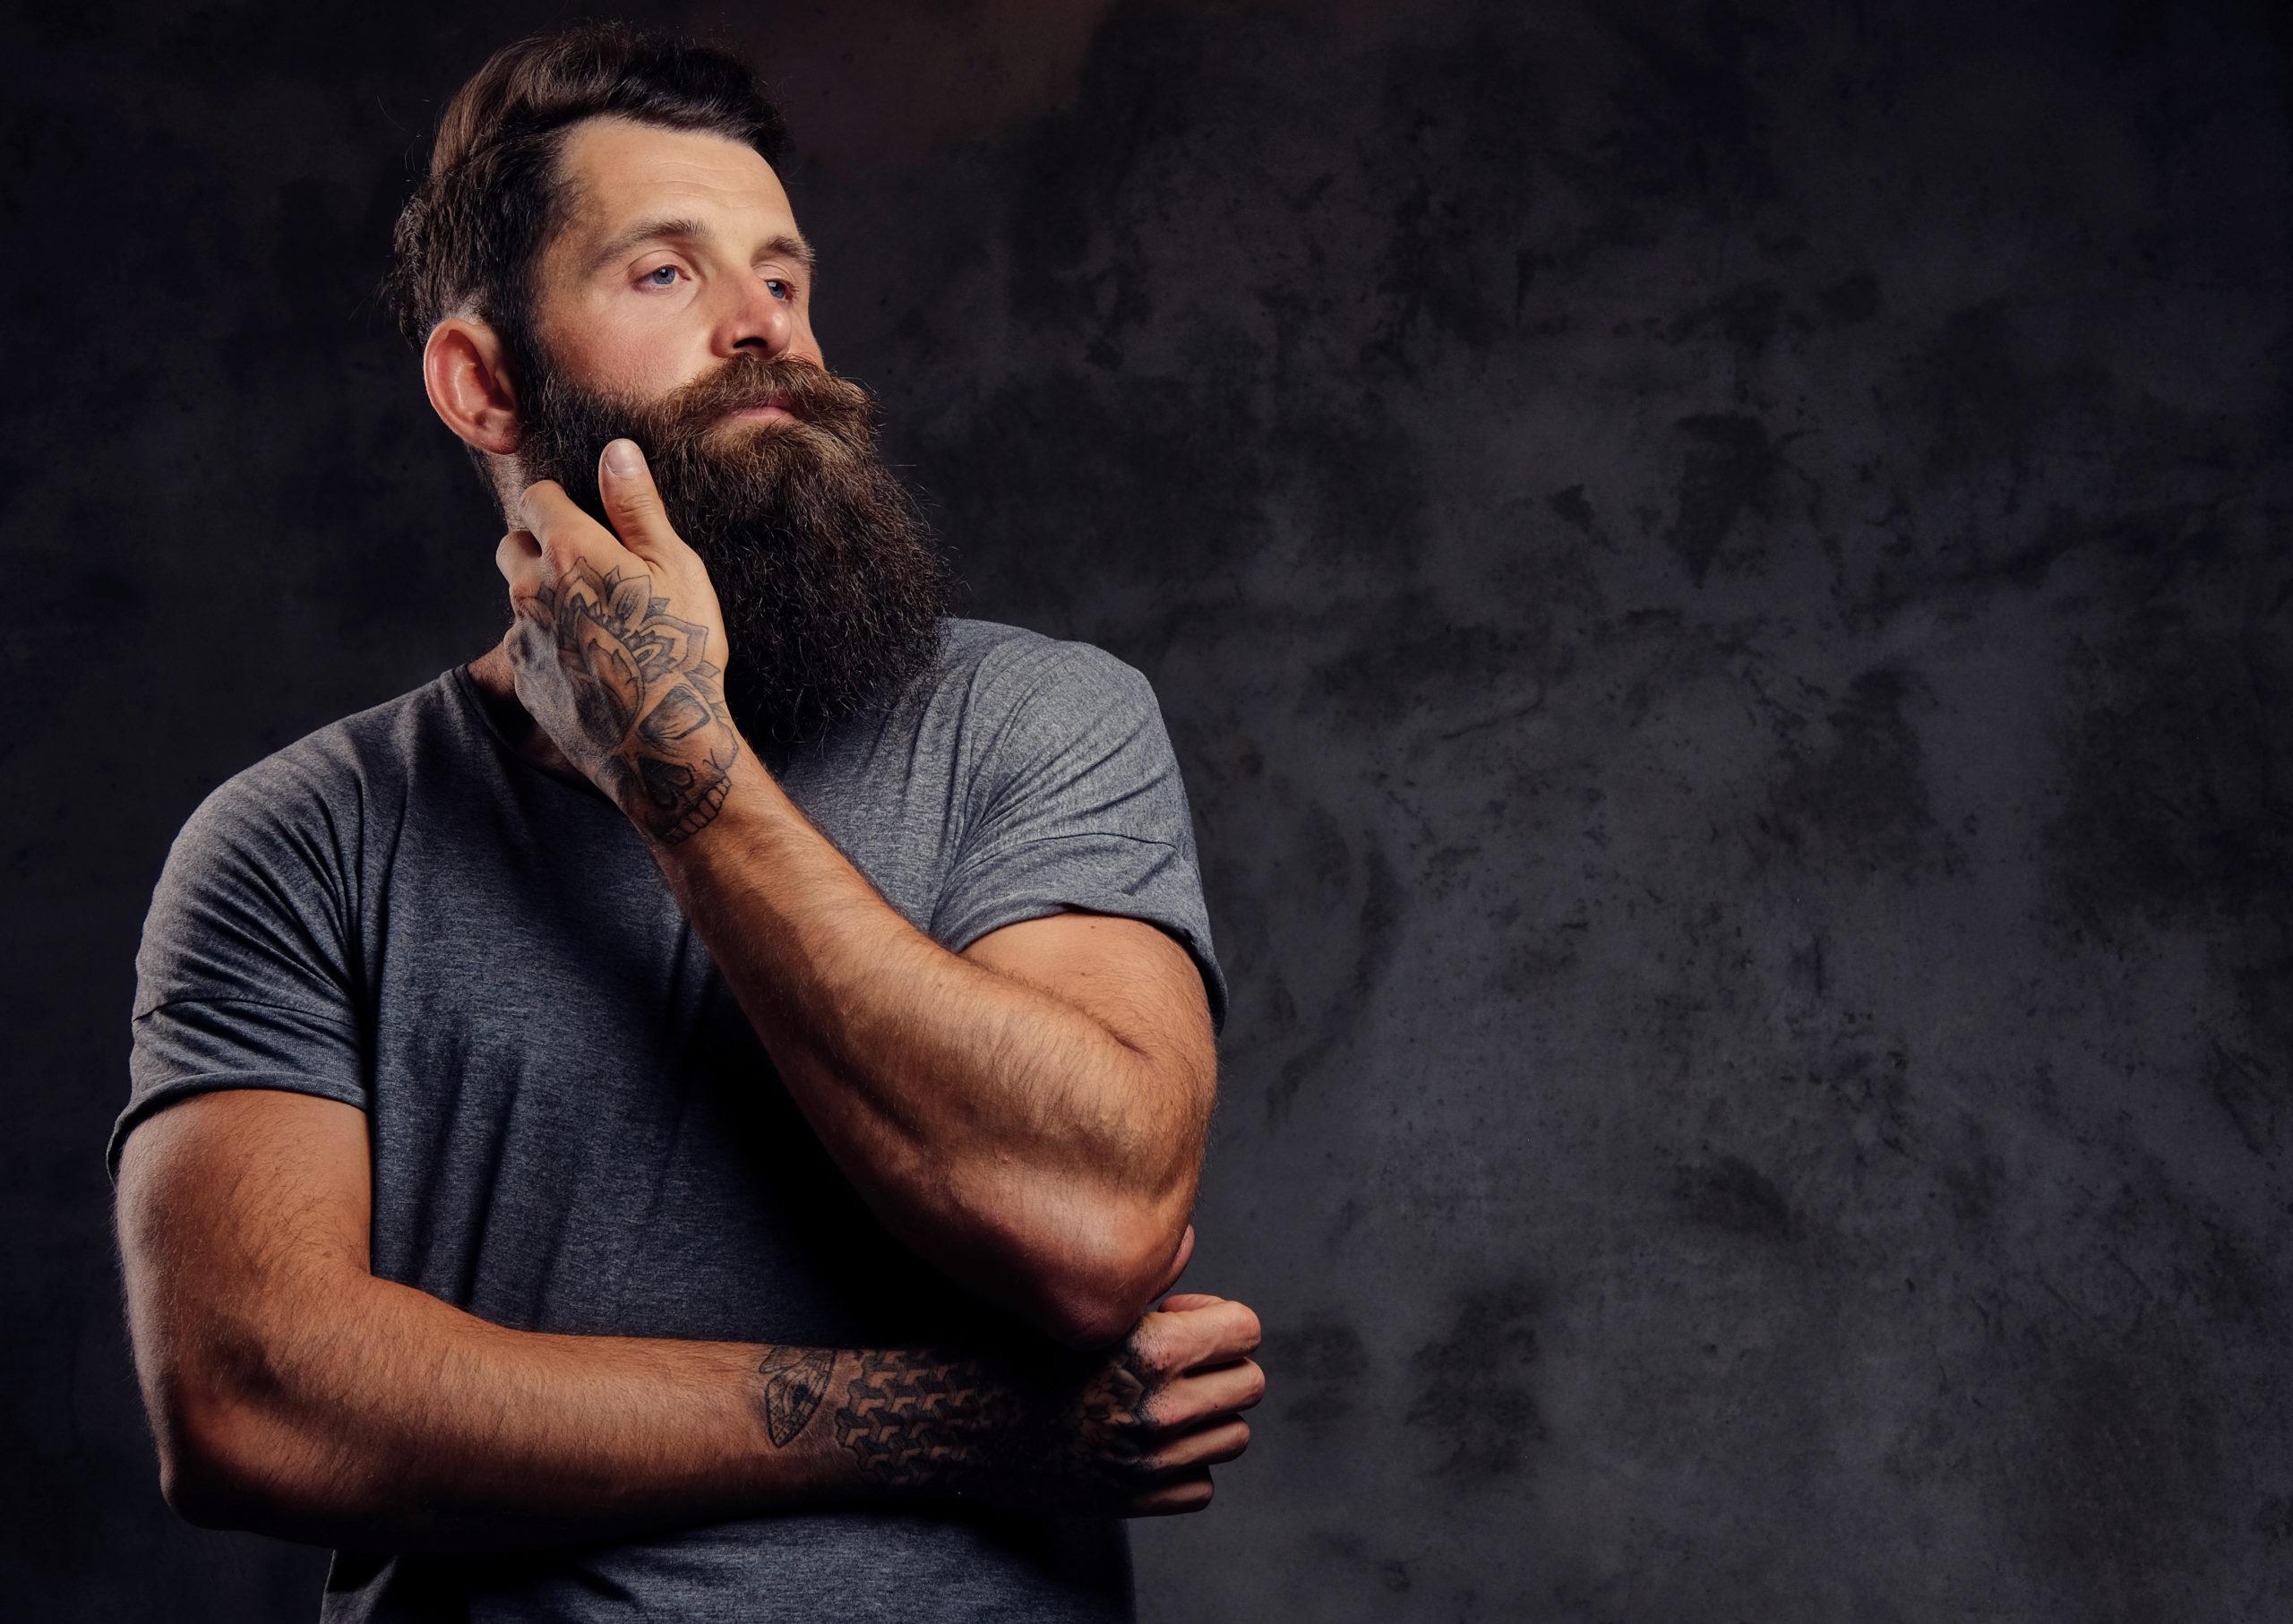 Wir geben dir Tipps und Ratschläge rund um das Thema Bartwuchs und lassen dich an unserer Erfahrung teilhaben.